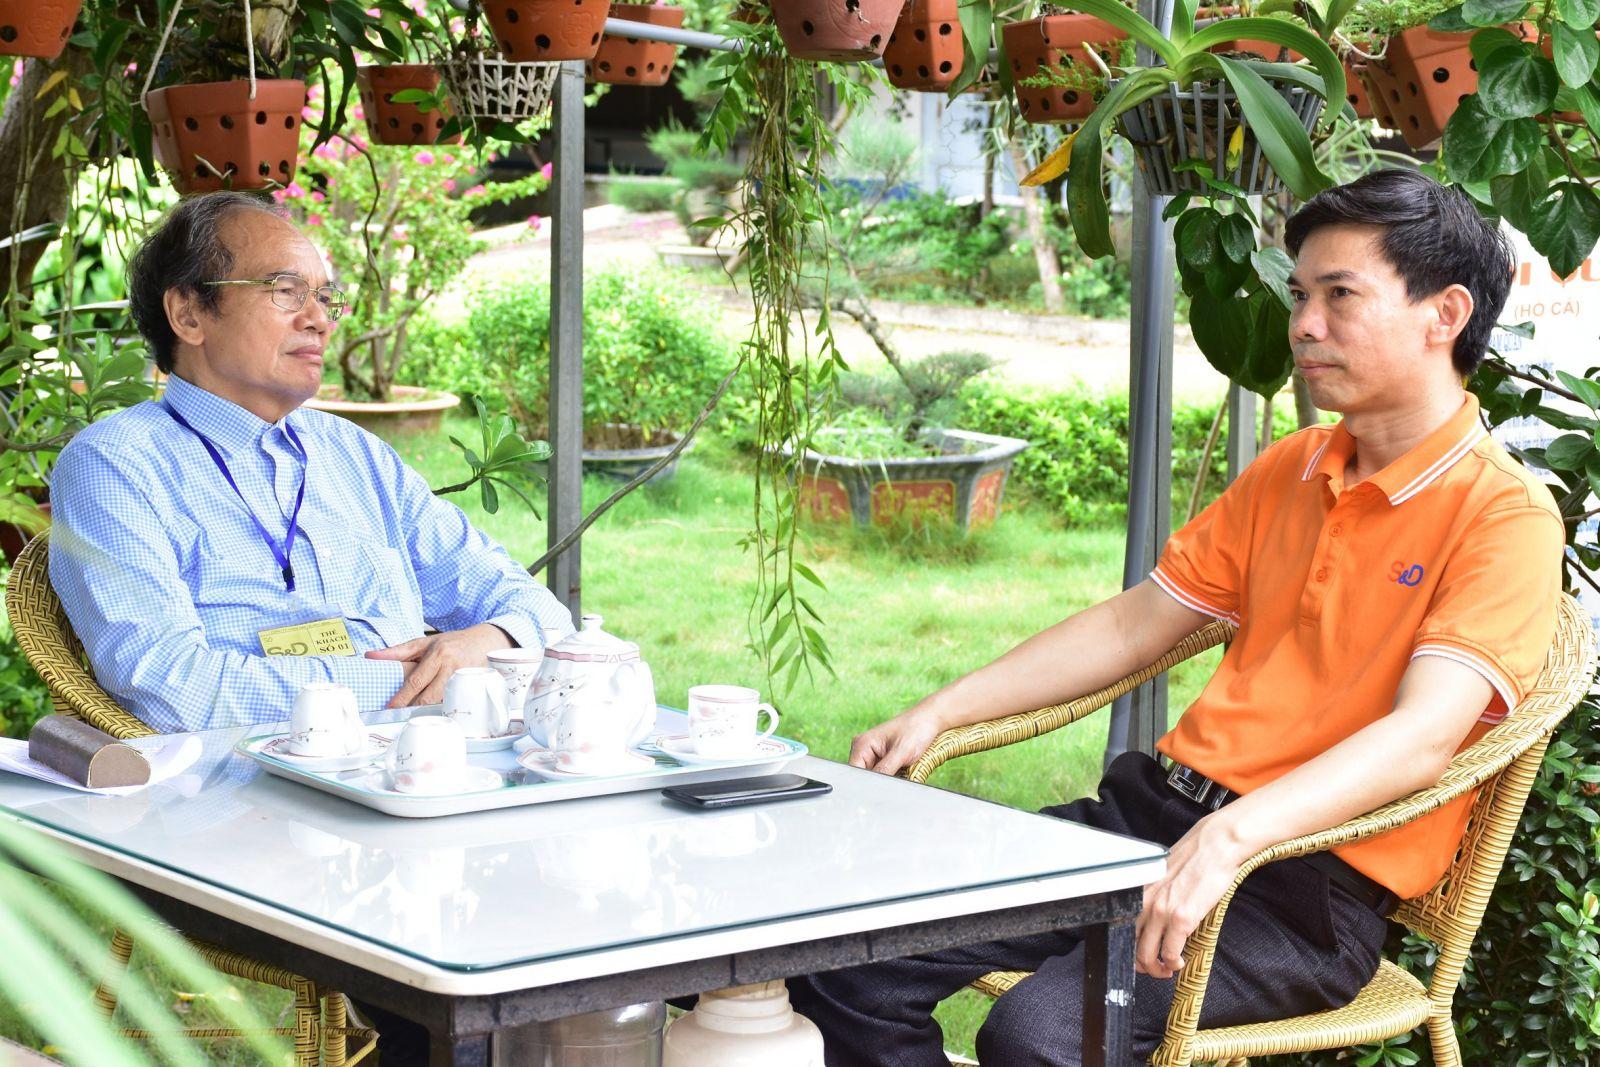 Ông Vũ Trí Tuệ - chủ tịch Công đoàn (bên phải) đang trao đổi với phóng viên